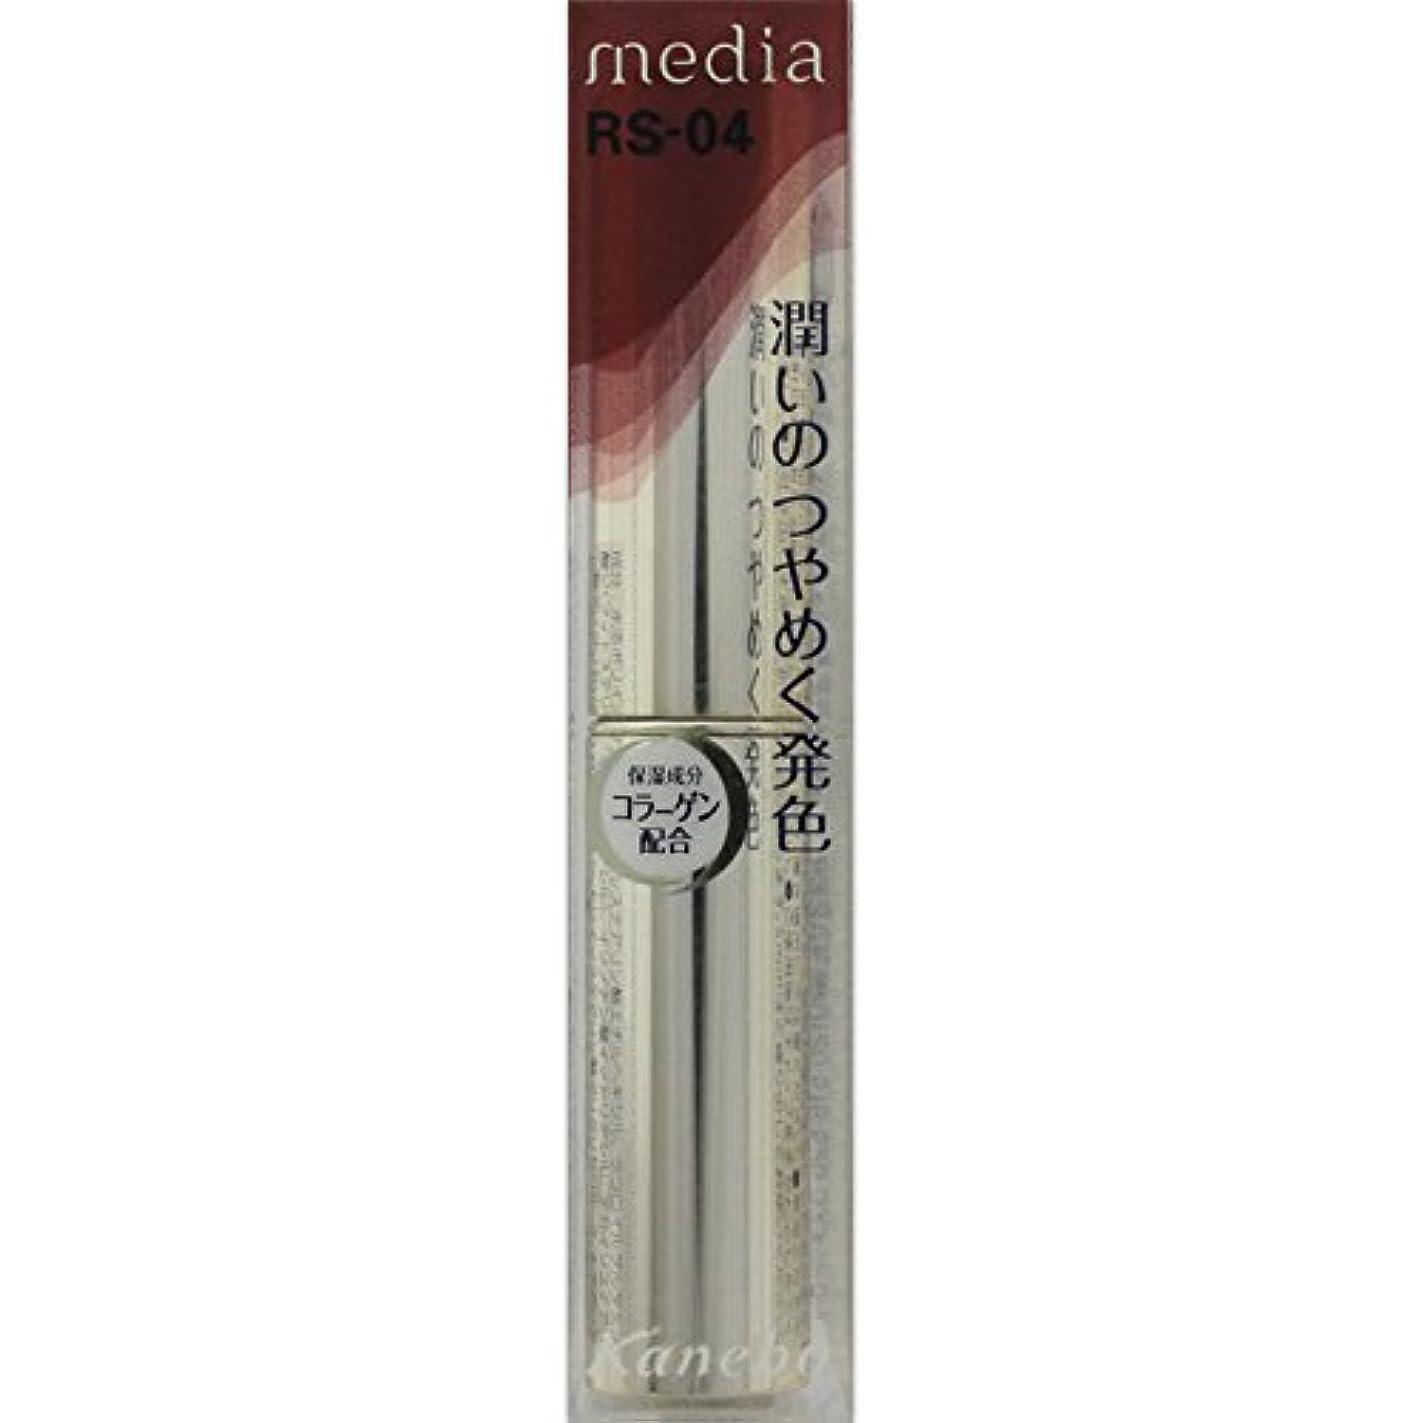 褒賞熟達した大量カネボウ メディア(media)シャイニーエッセンスリップA カラー:RS-04